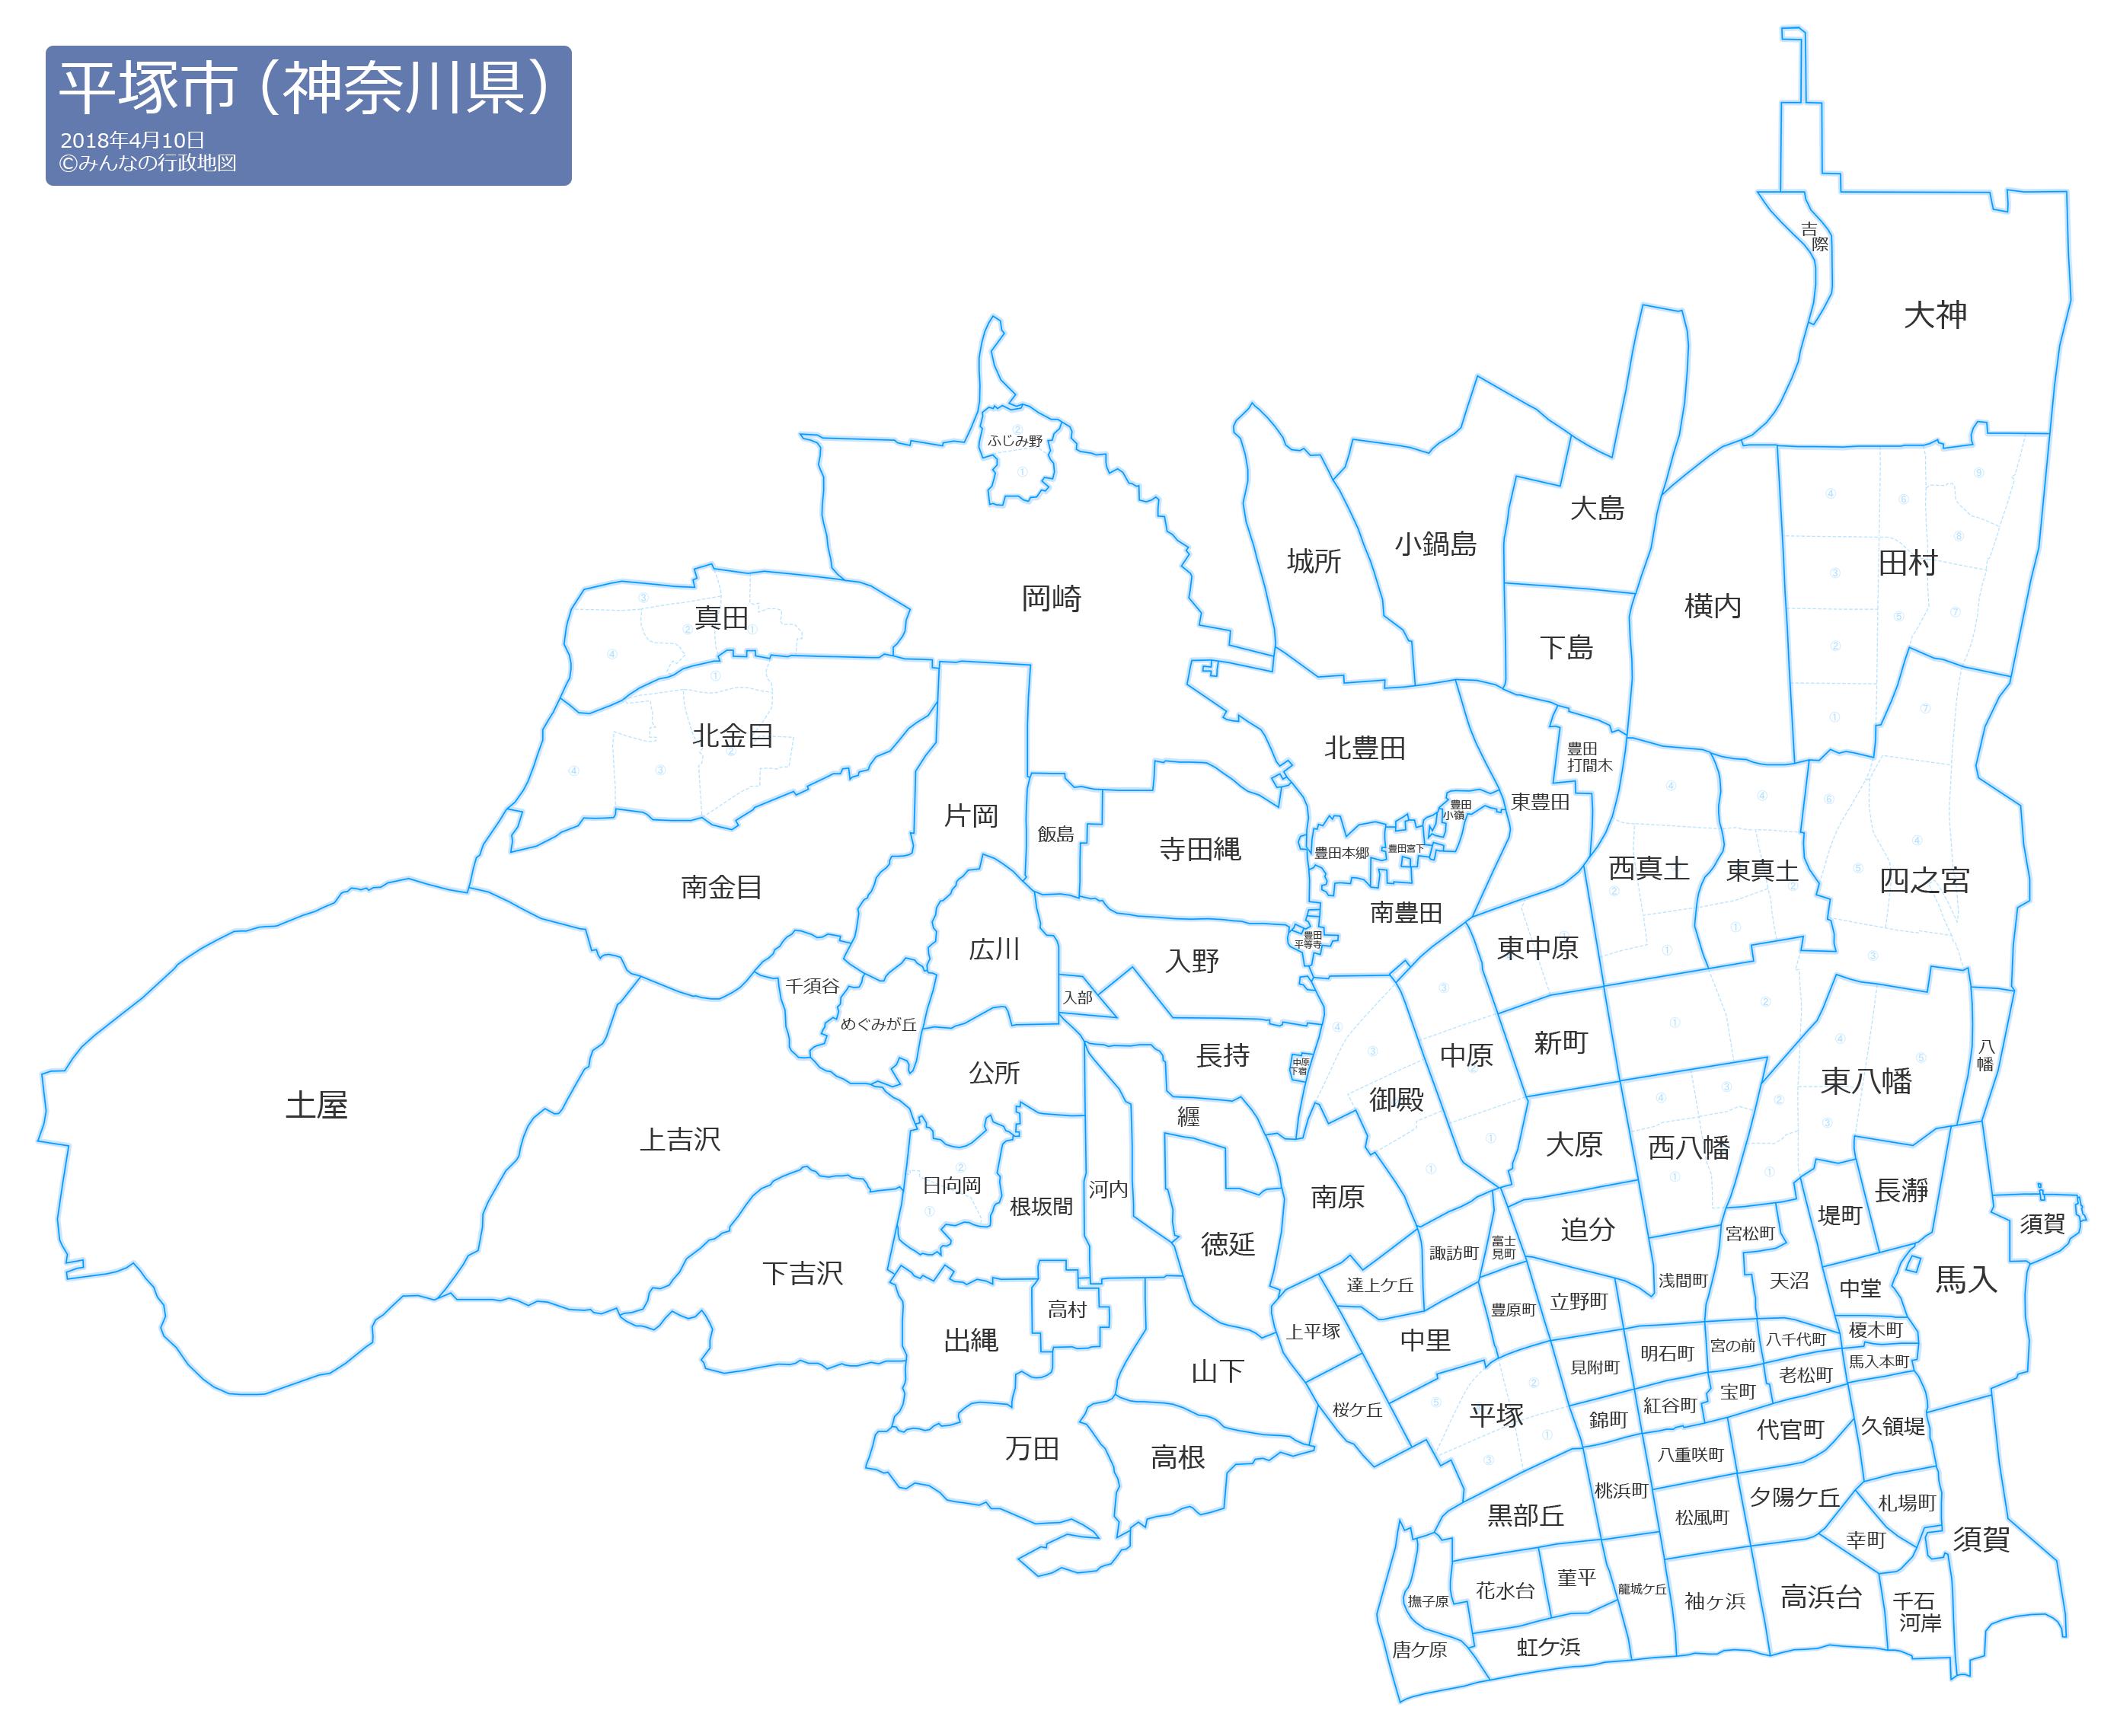 平塚市(神奈川県) - みんなの行政地図